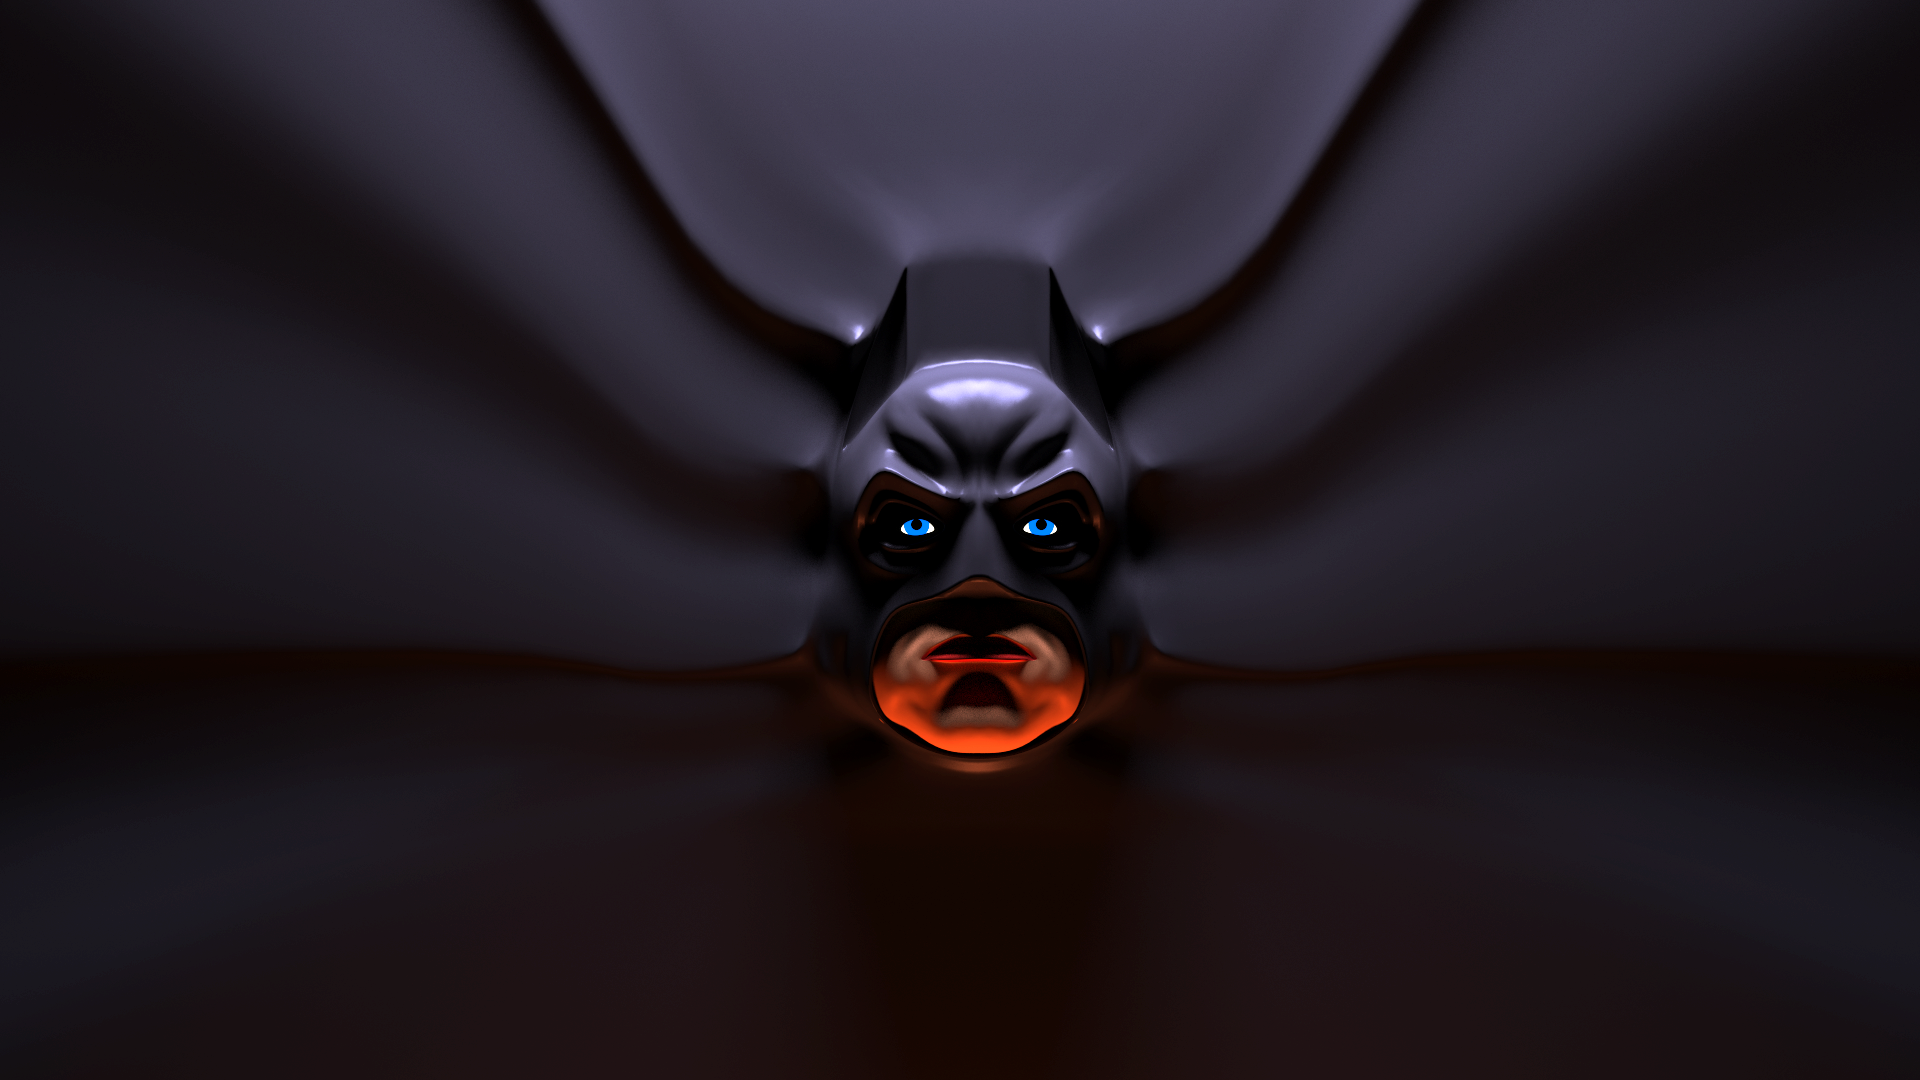 Awesome Desktop Backgrounds 1920x1080 Hd Batman awesome desktop 1920x1080